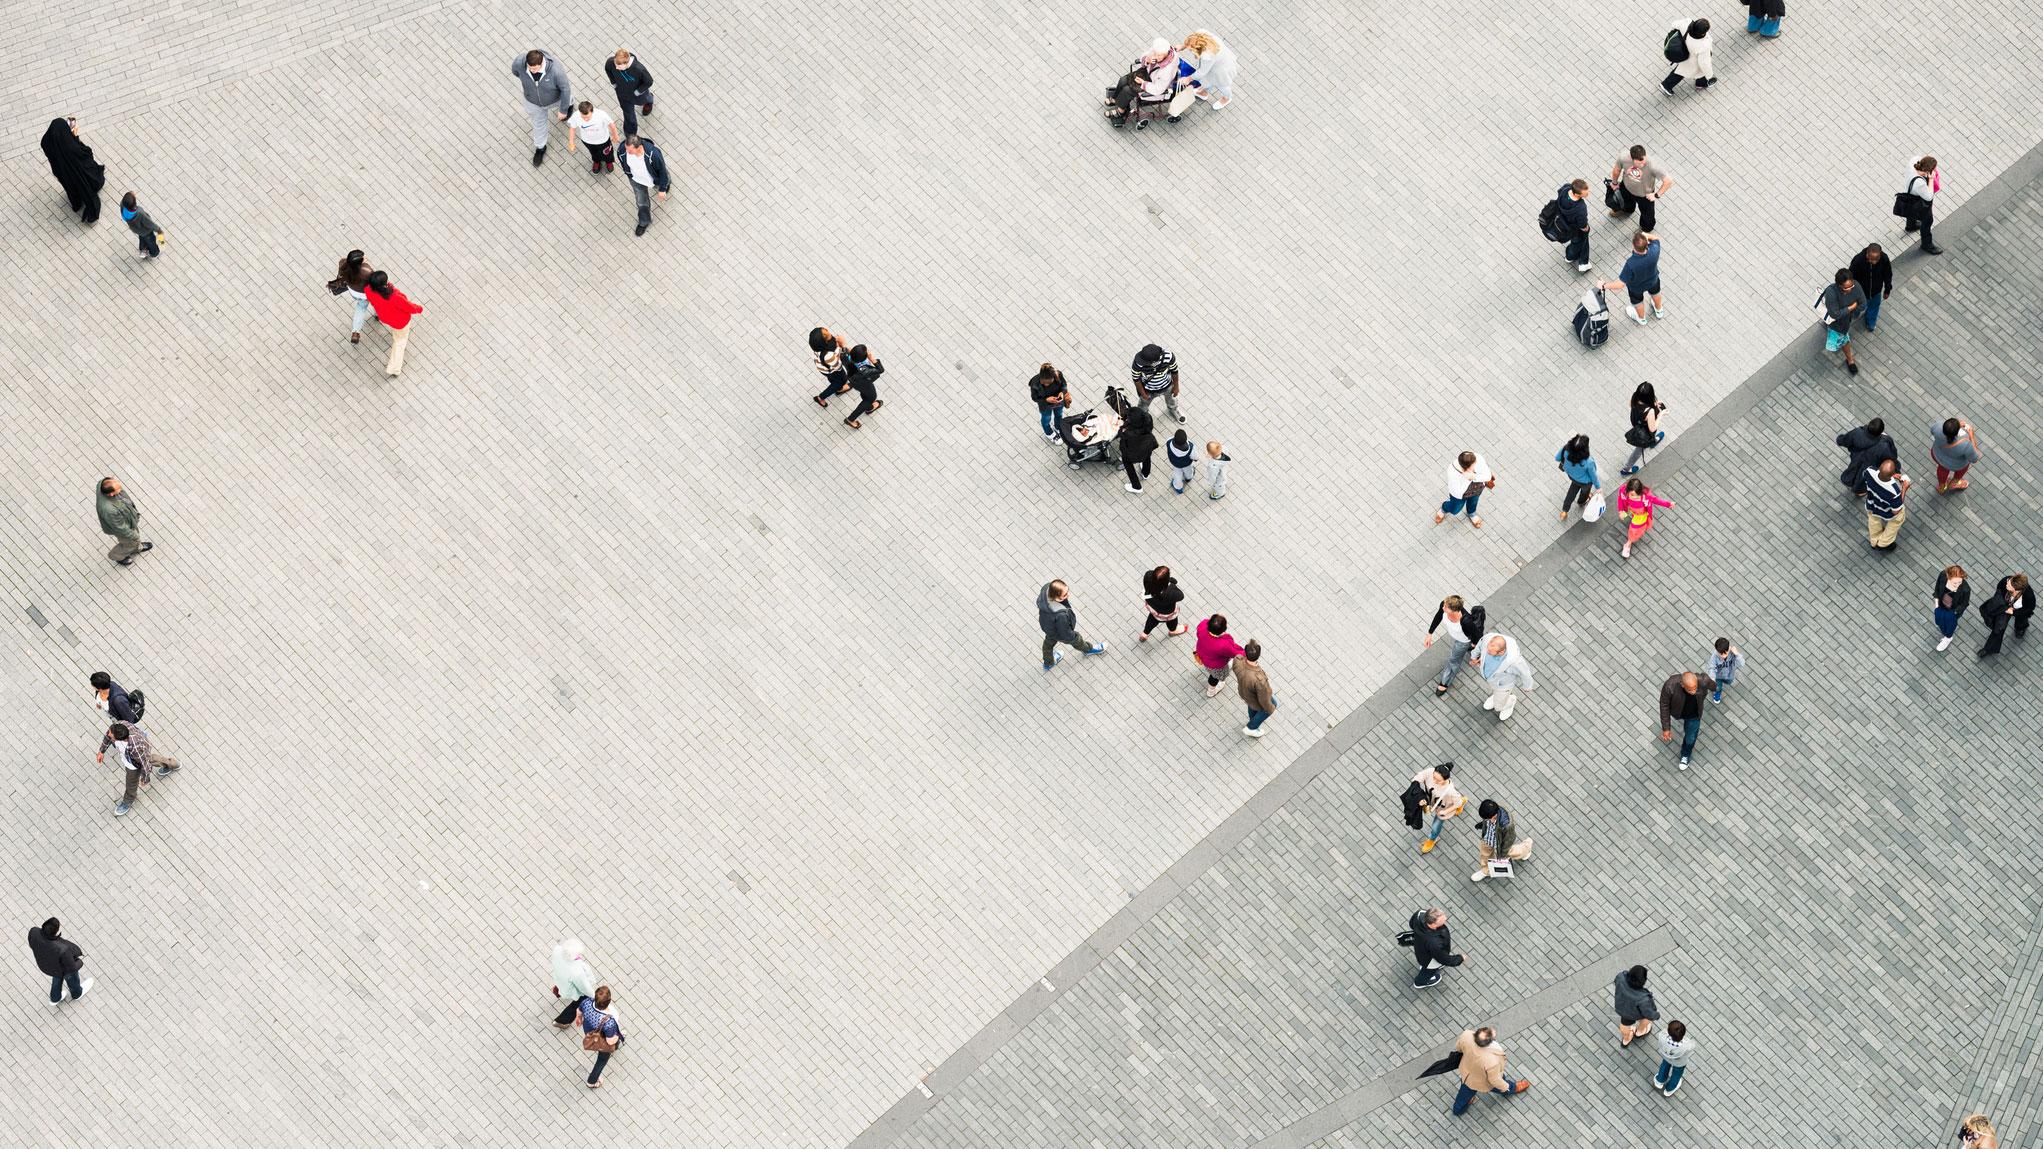 一群人走在铺有路面的地方的航拍照片